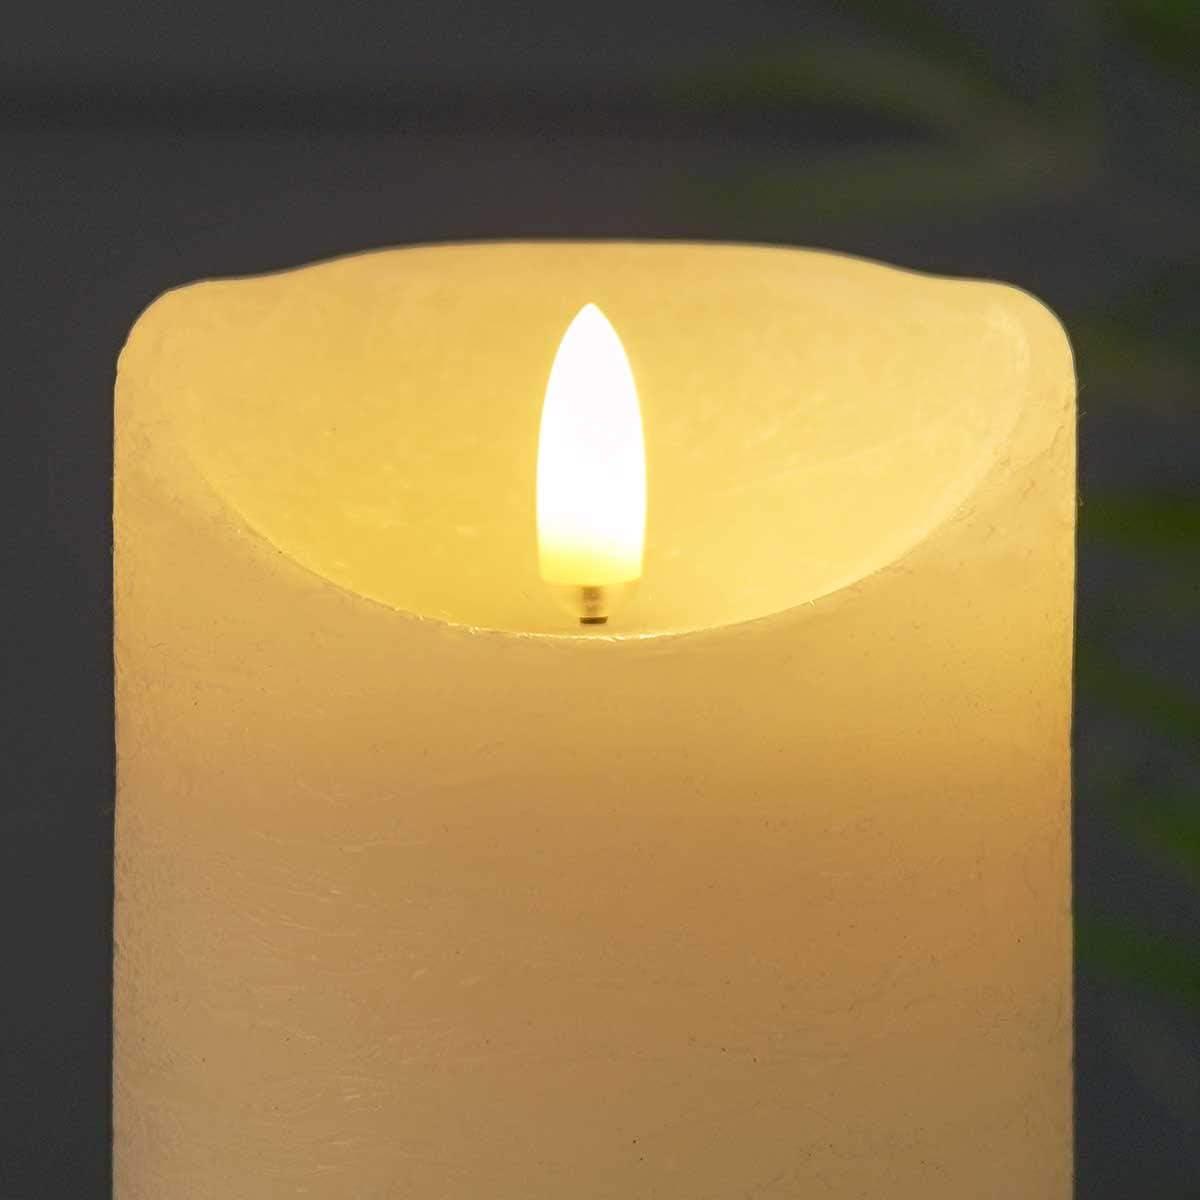 Bougie Grise Bougeoir Verre, S Bougie LED /«Flamme Authentique/» Effet Vacillant Bluffant Ivoire Gamme 2019 M/èche Effet 3D Ultra R/éaliste Gris ou Pot en Verre Teint/é Au Choix